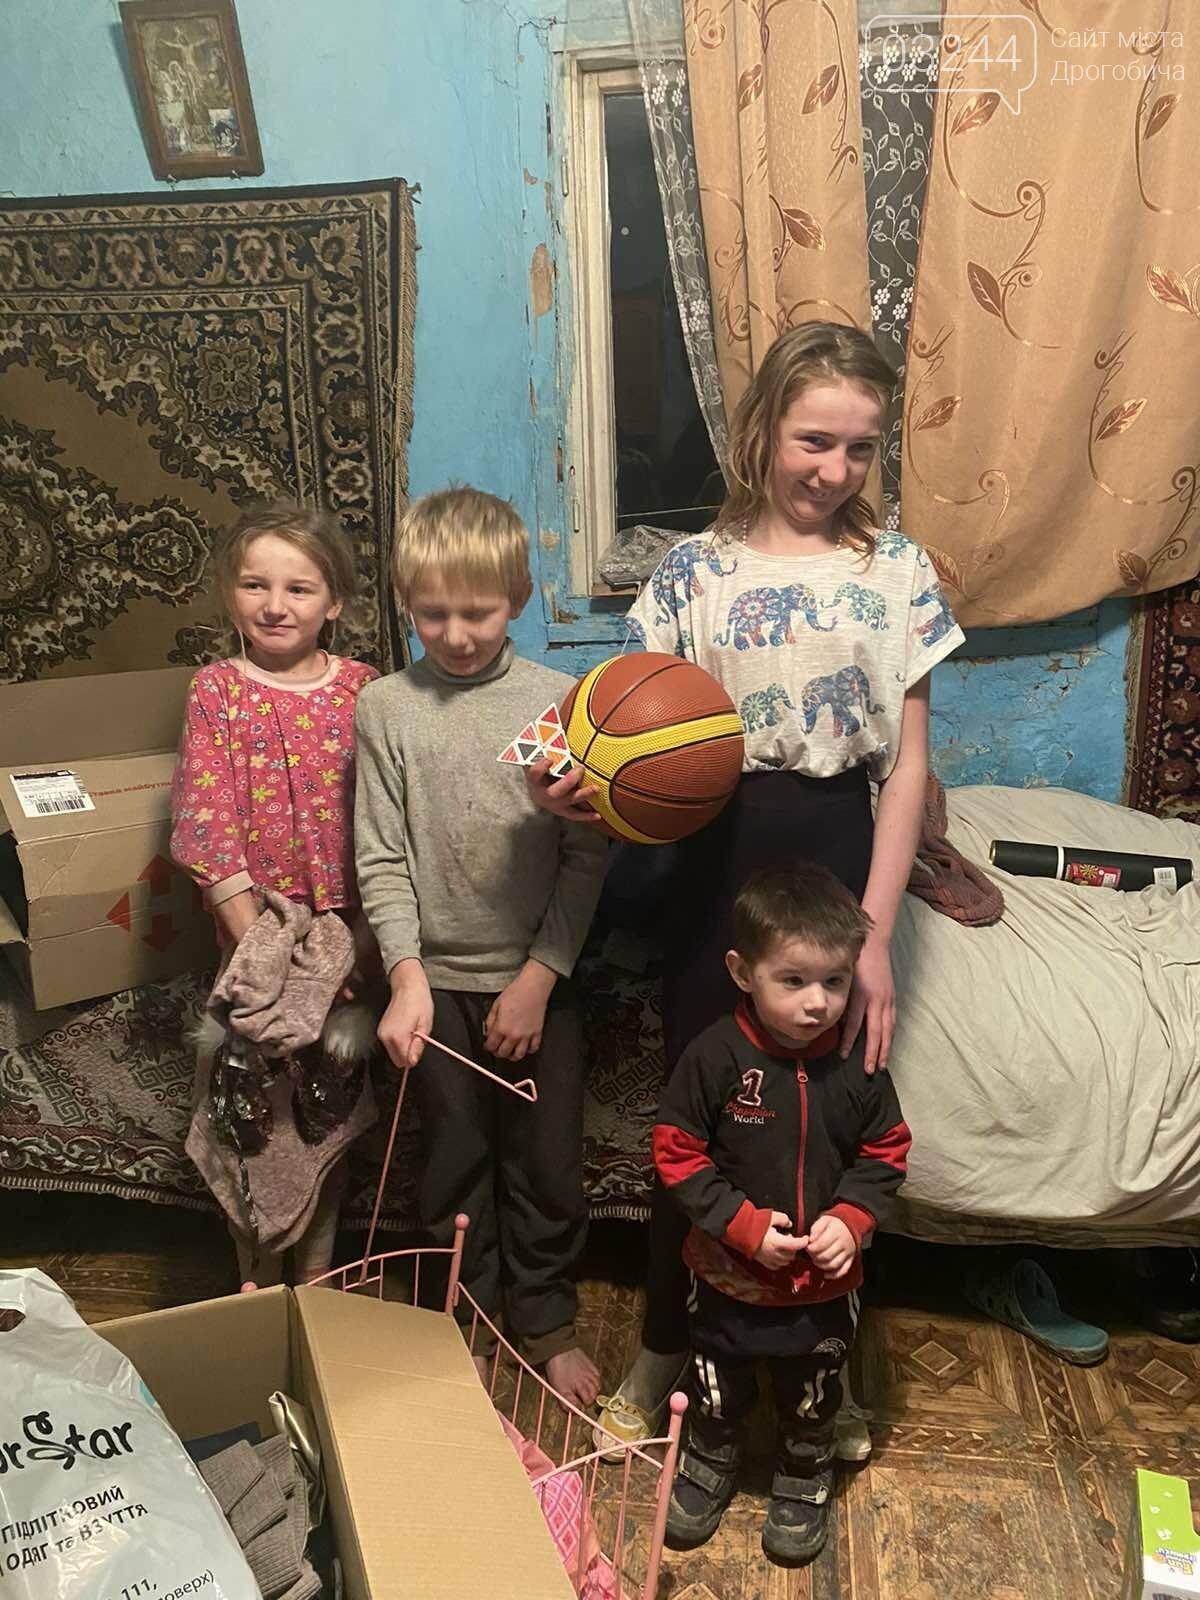 «Є сім'ї, які потребують не дорогих телефонів, а їжі та одягу», - Катя Максимова про благочинну акцію для потребуючих родин, фото-10